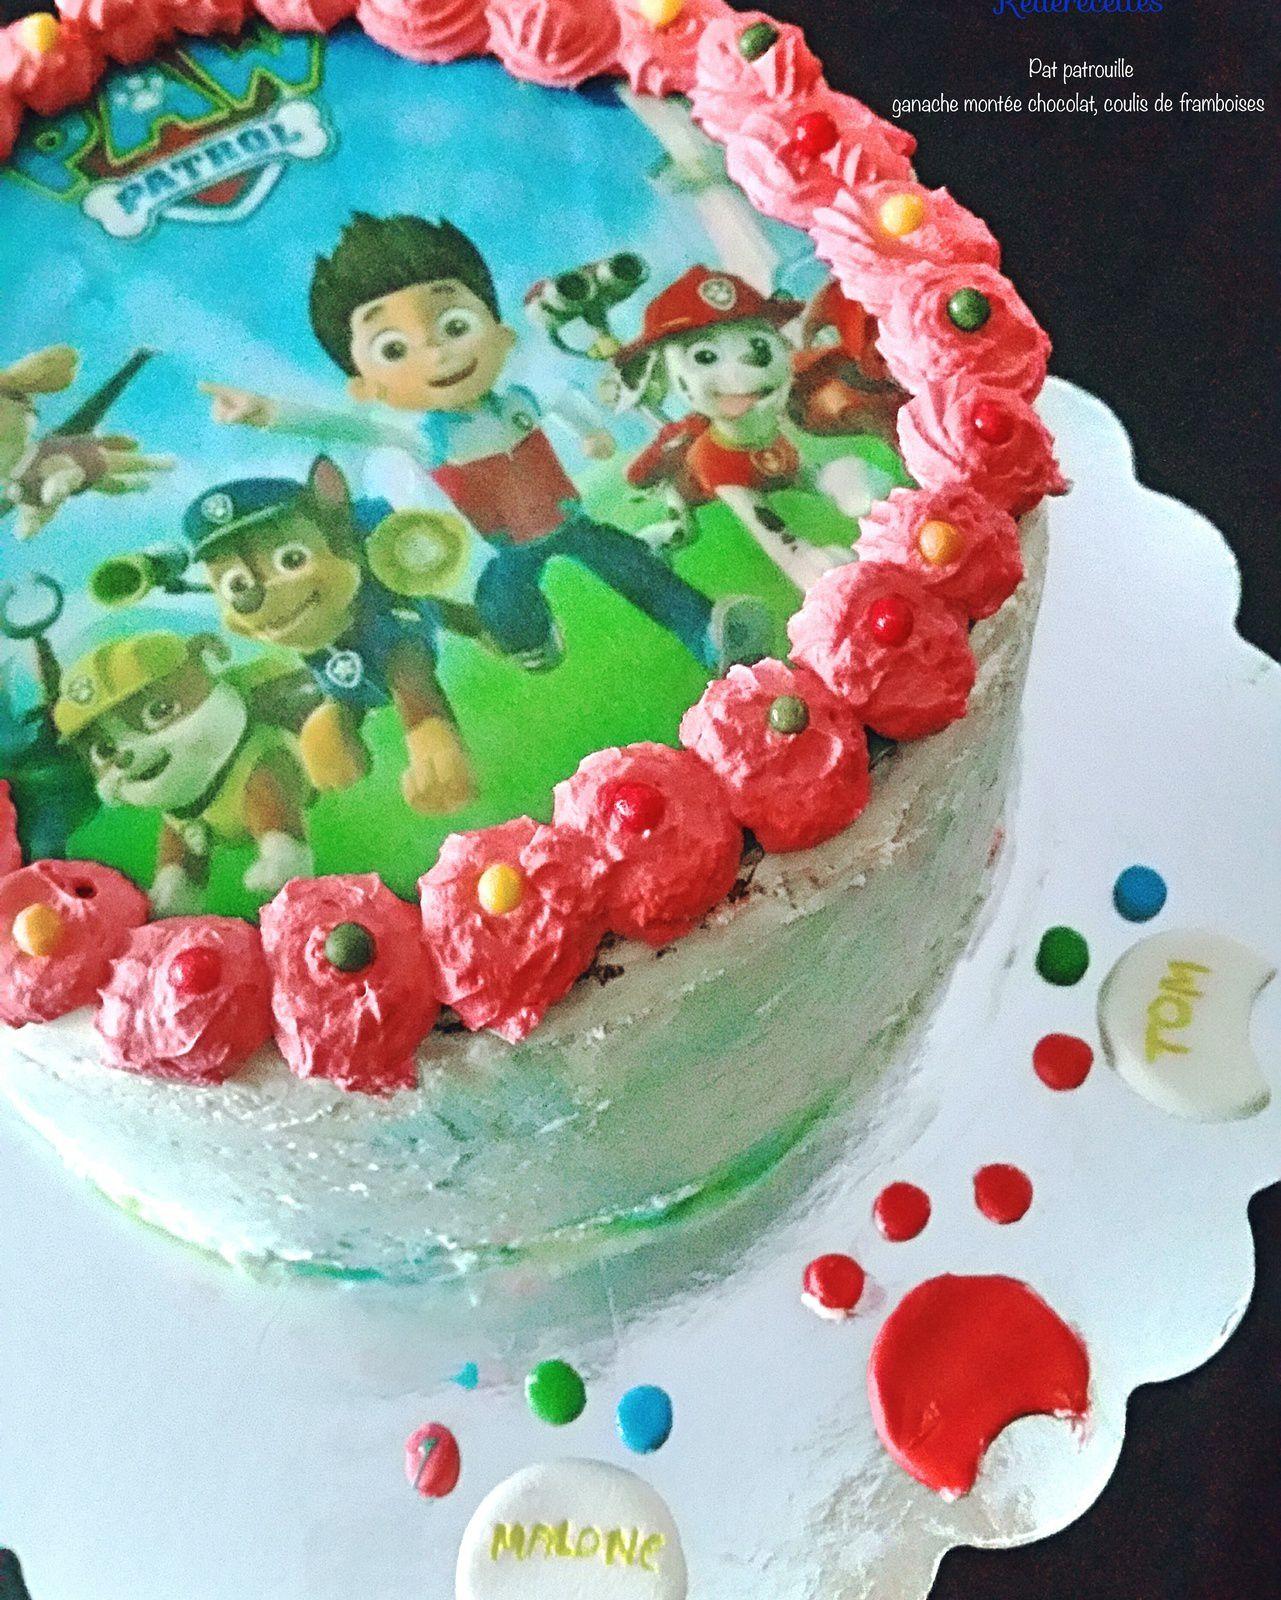 Layer Cake Pat patrouille